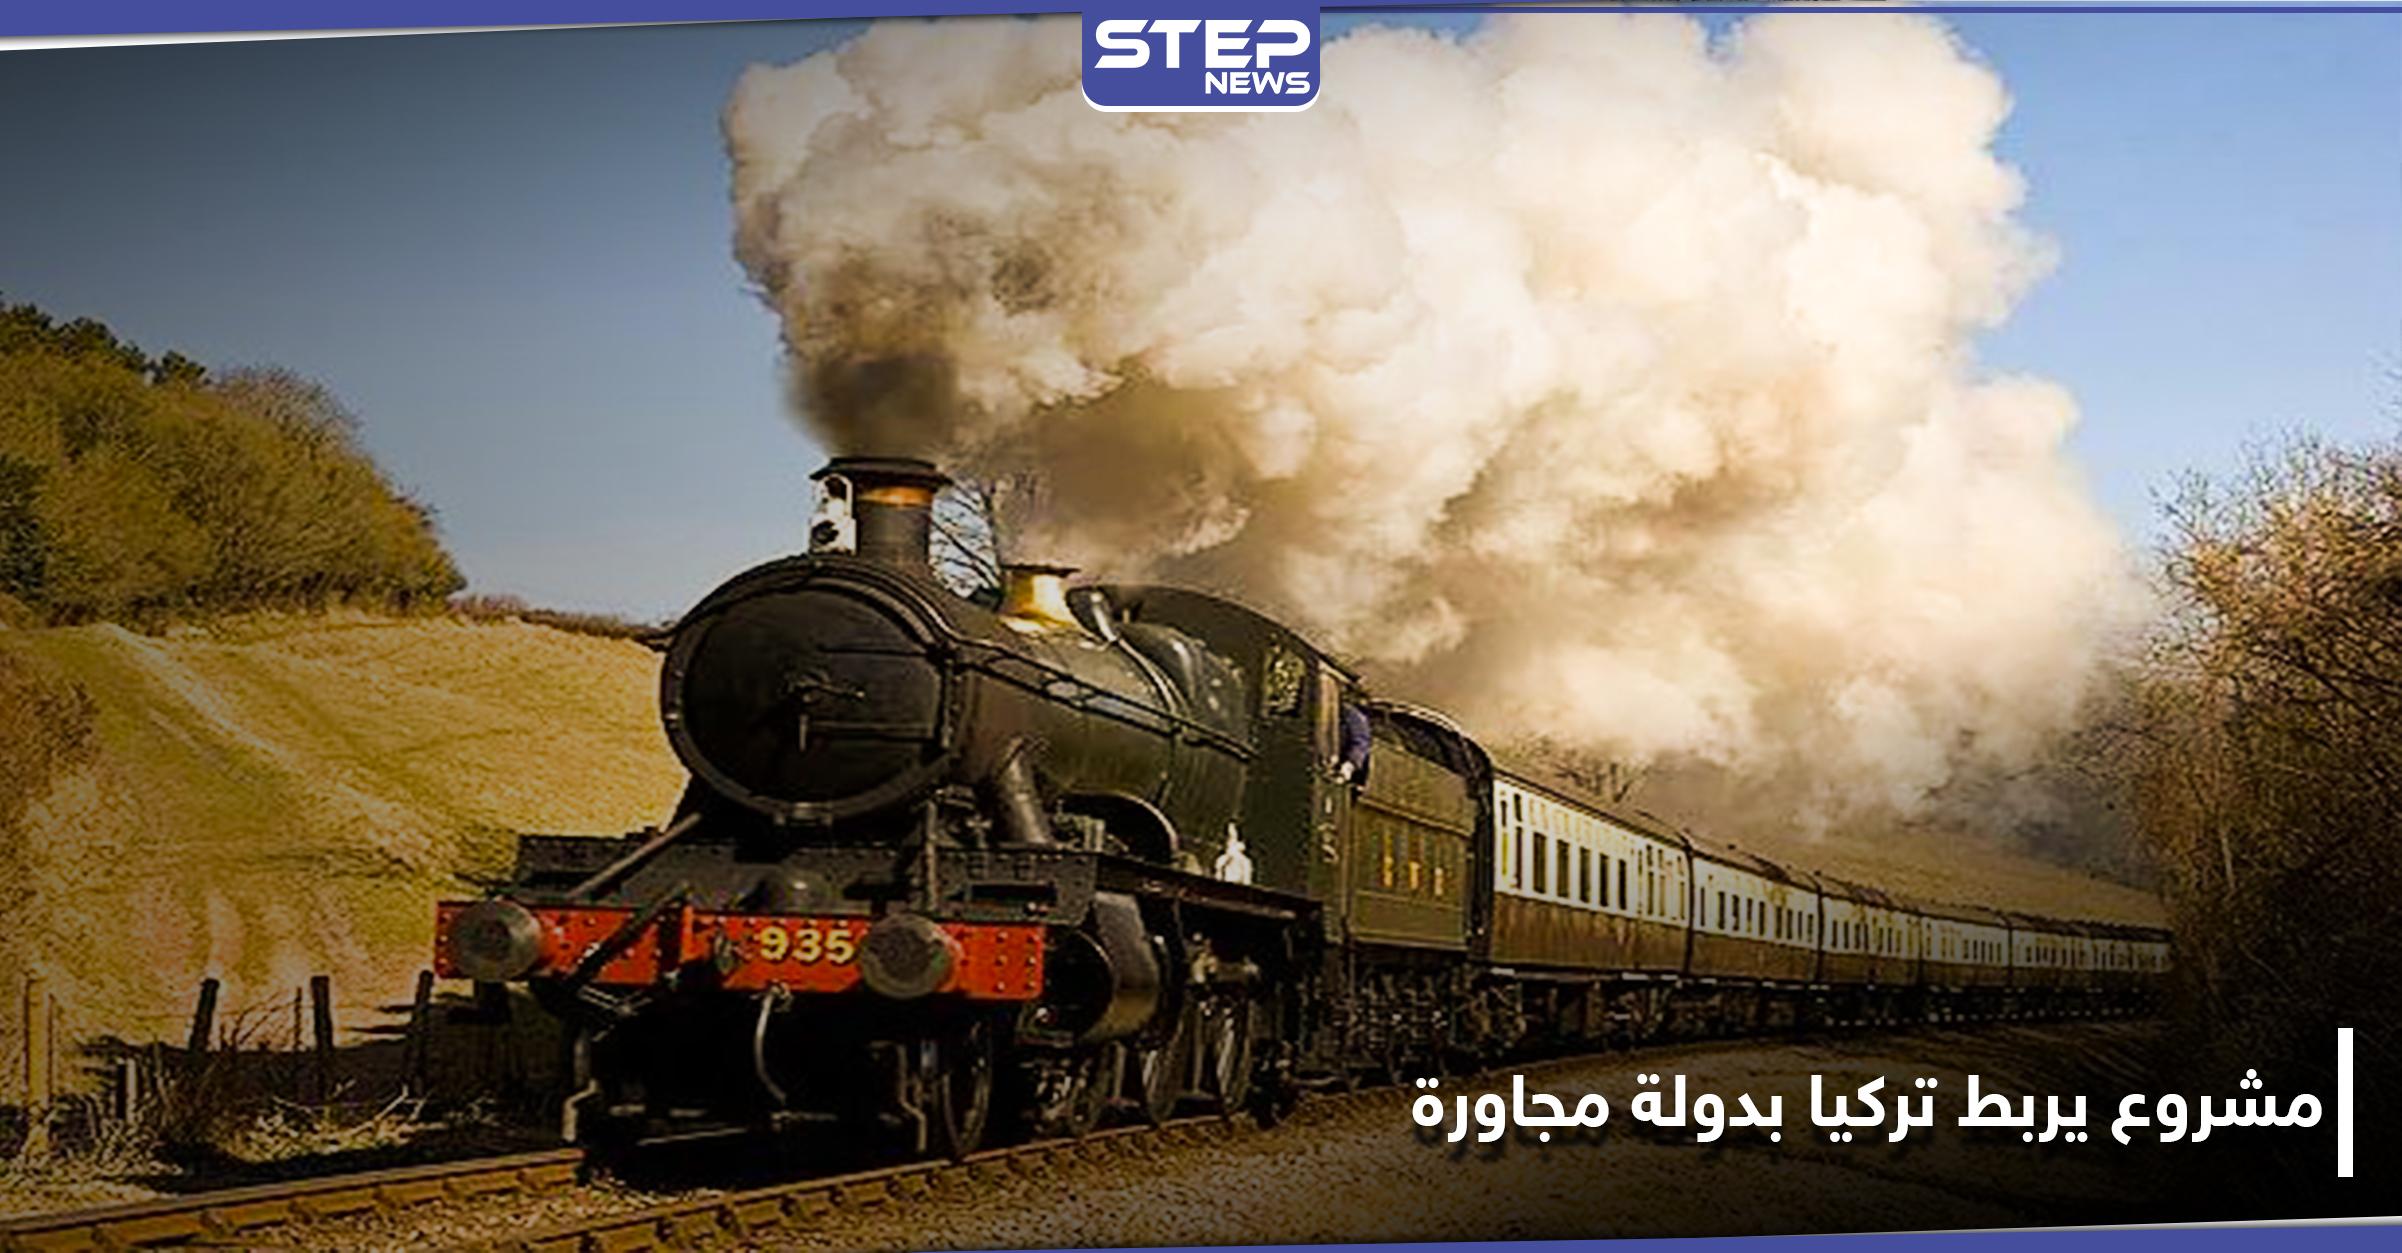 الكشف عن مشروع سكة قطار يربط تركيا بدولة عربية مجاورة